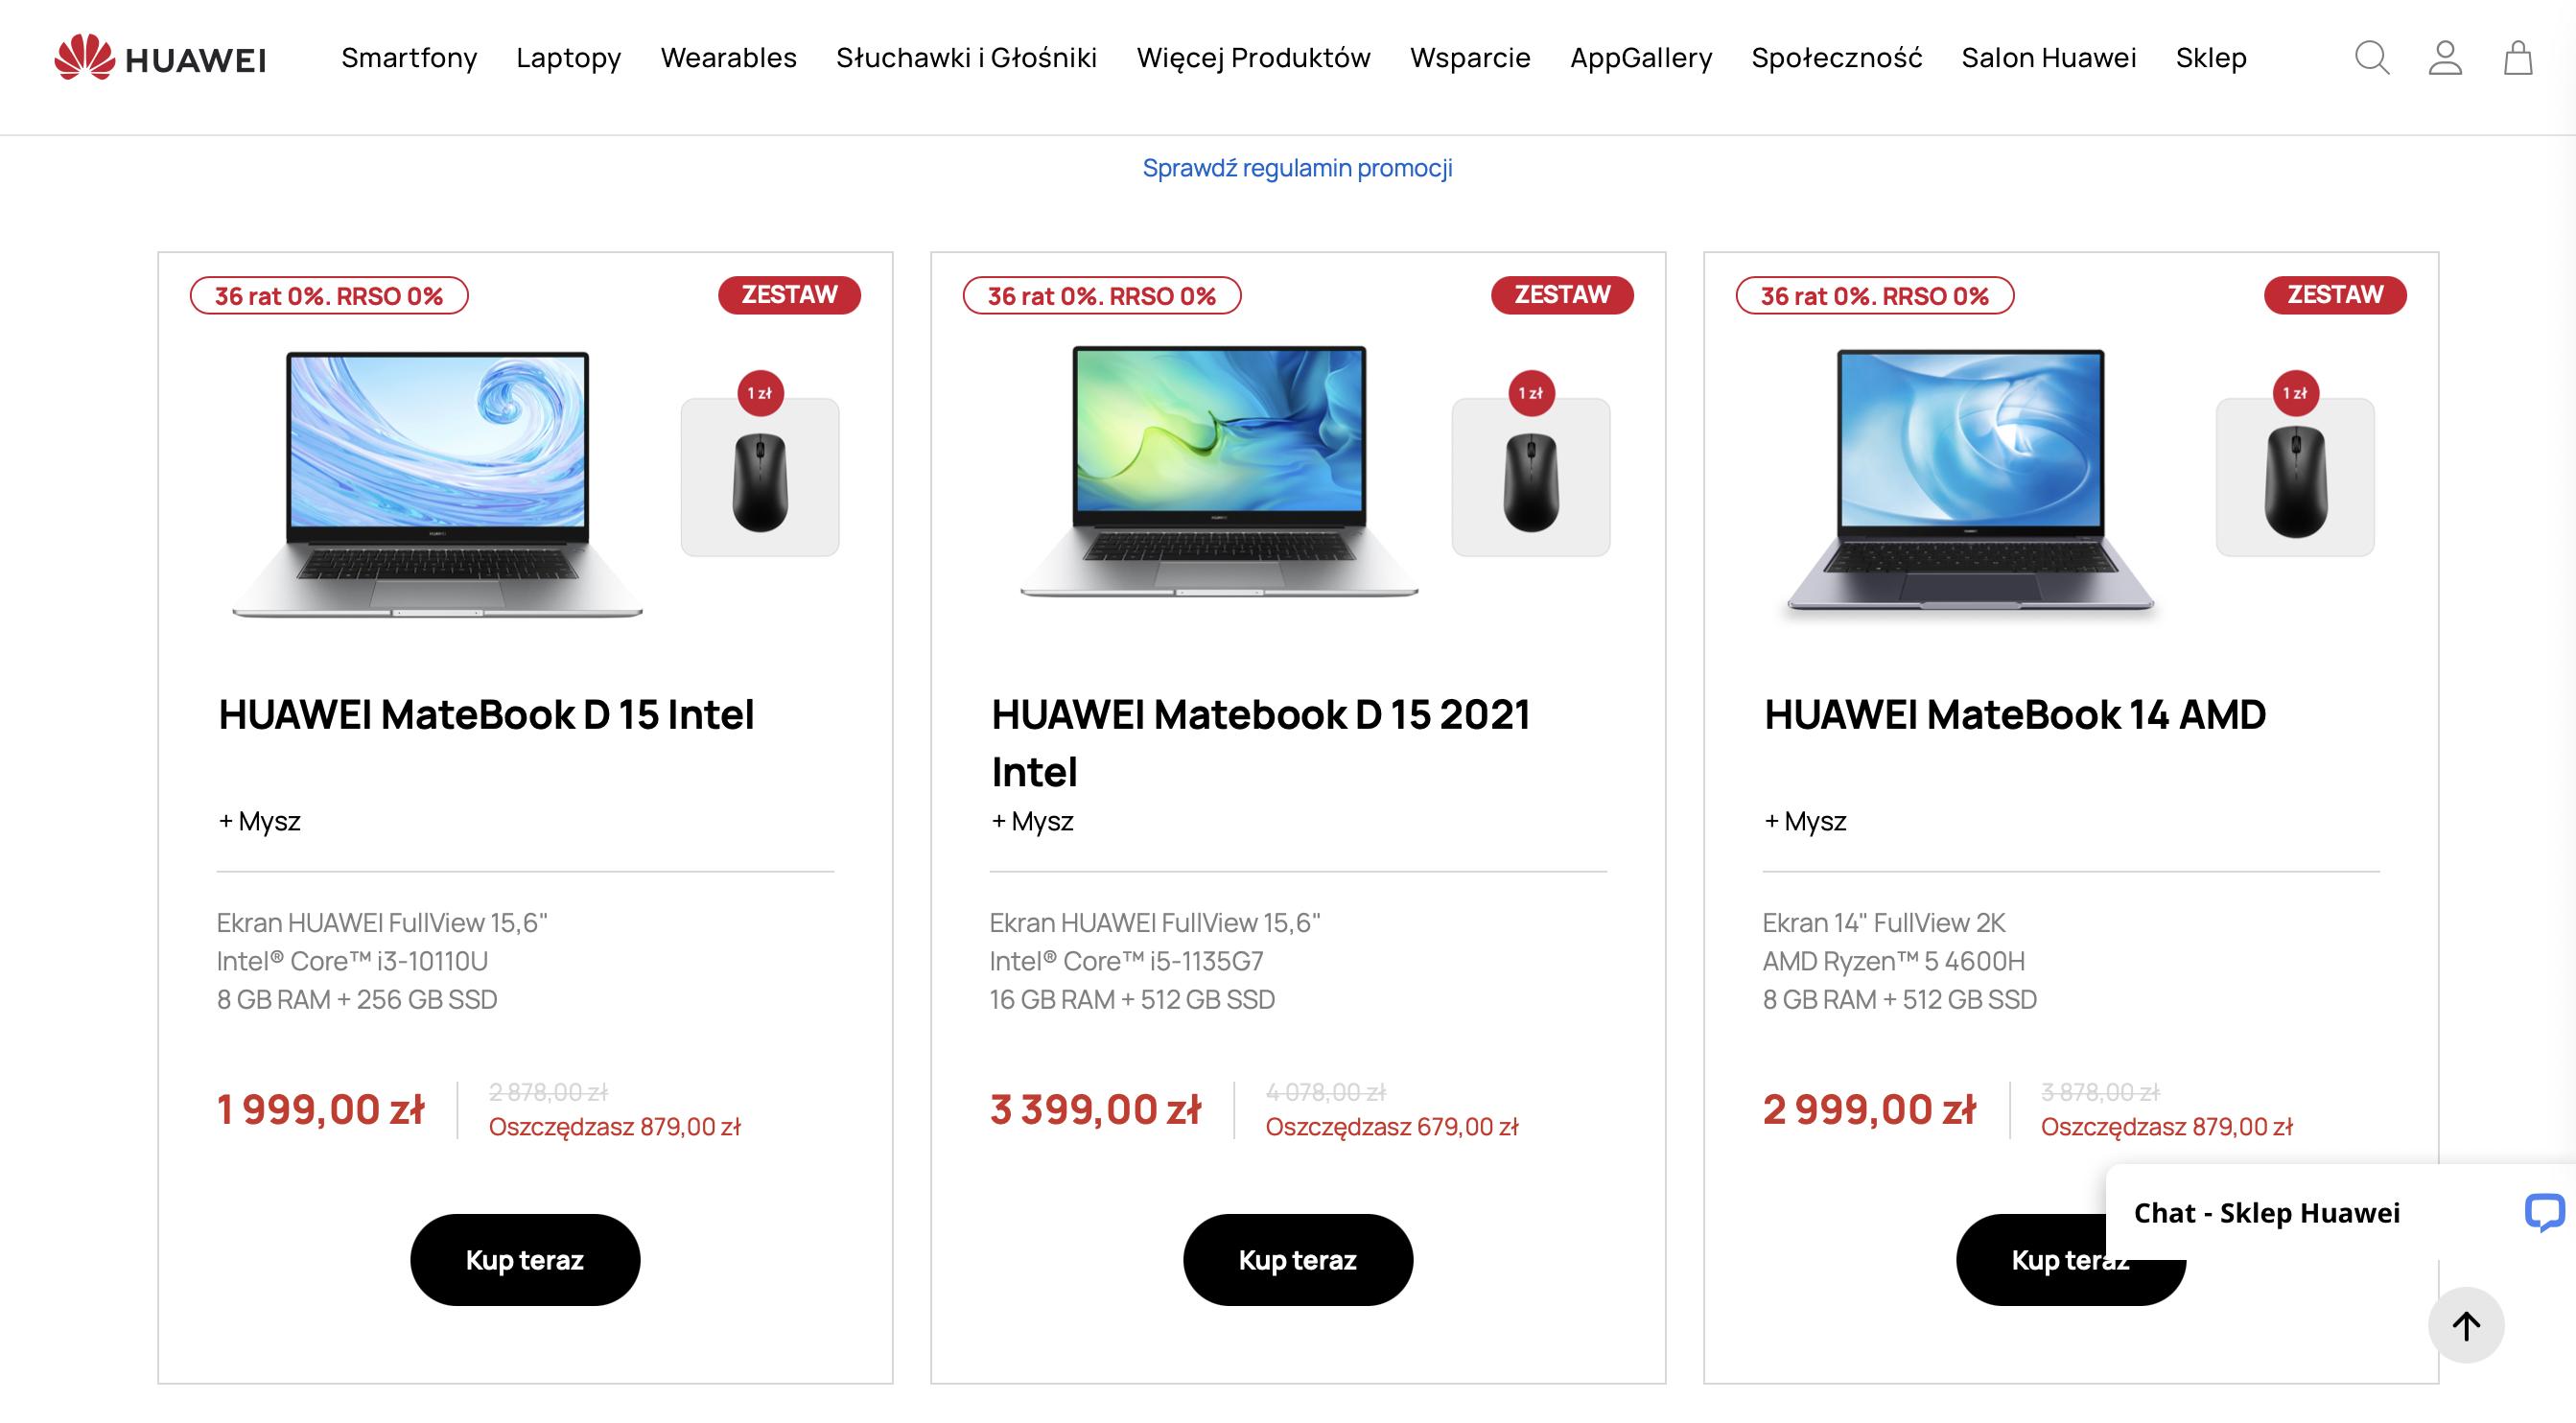 Letnie promocje od Huawei – laptopy, tablety, telefony i smart zegarki taniej! Znamy szczegóły